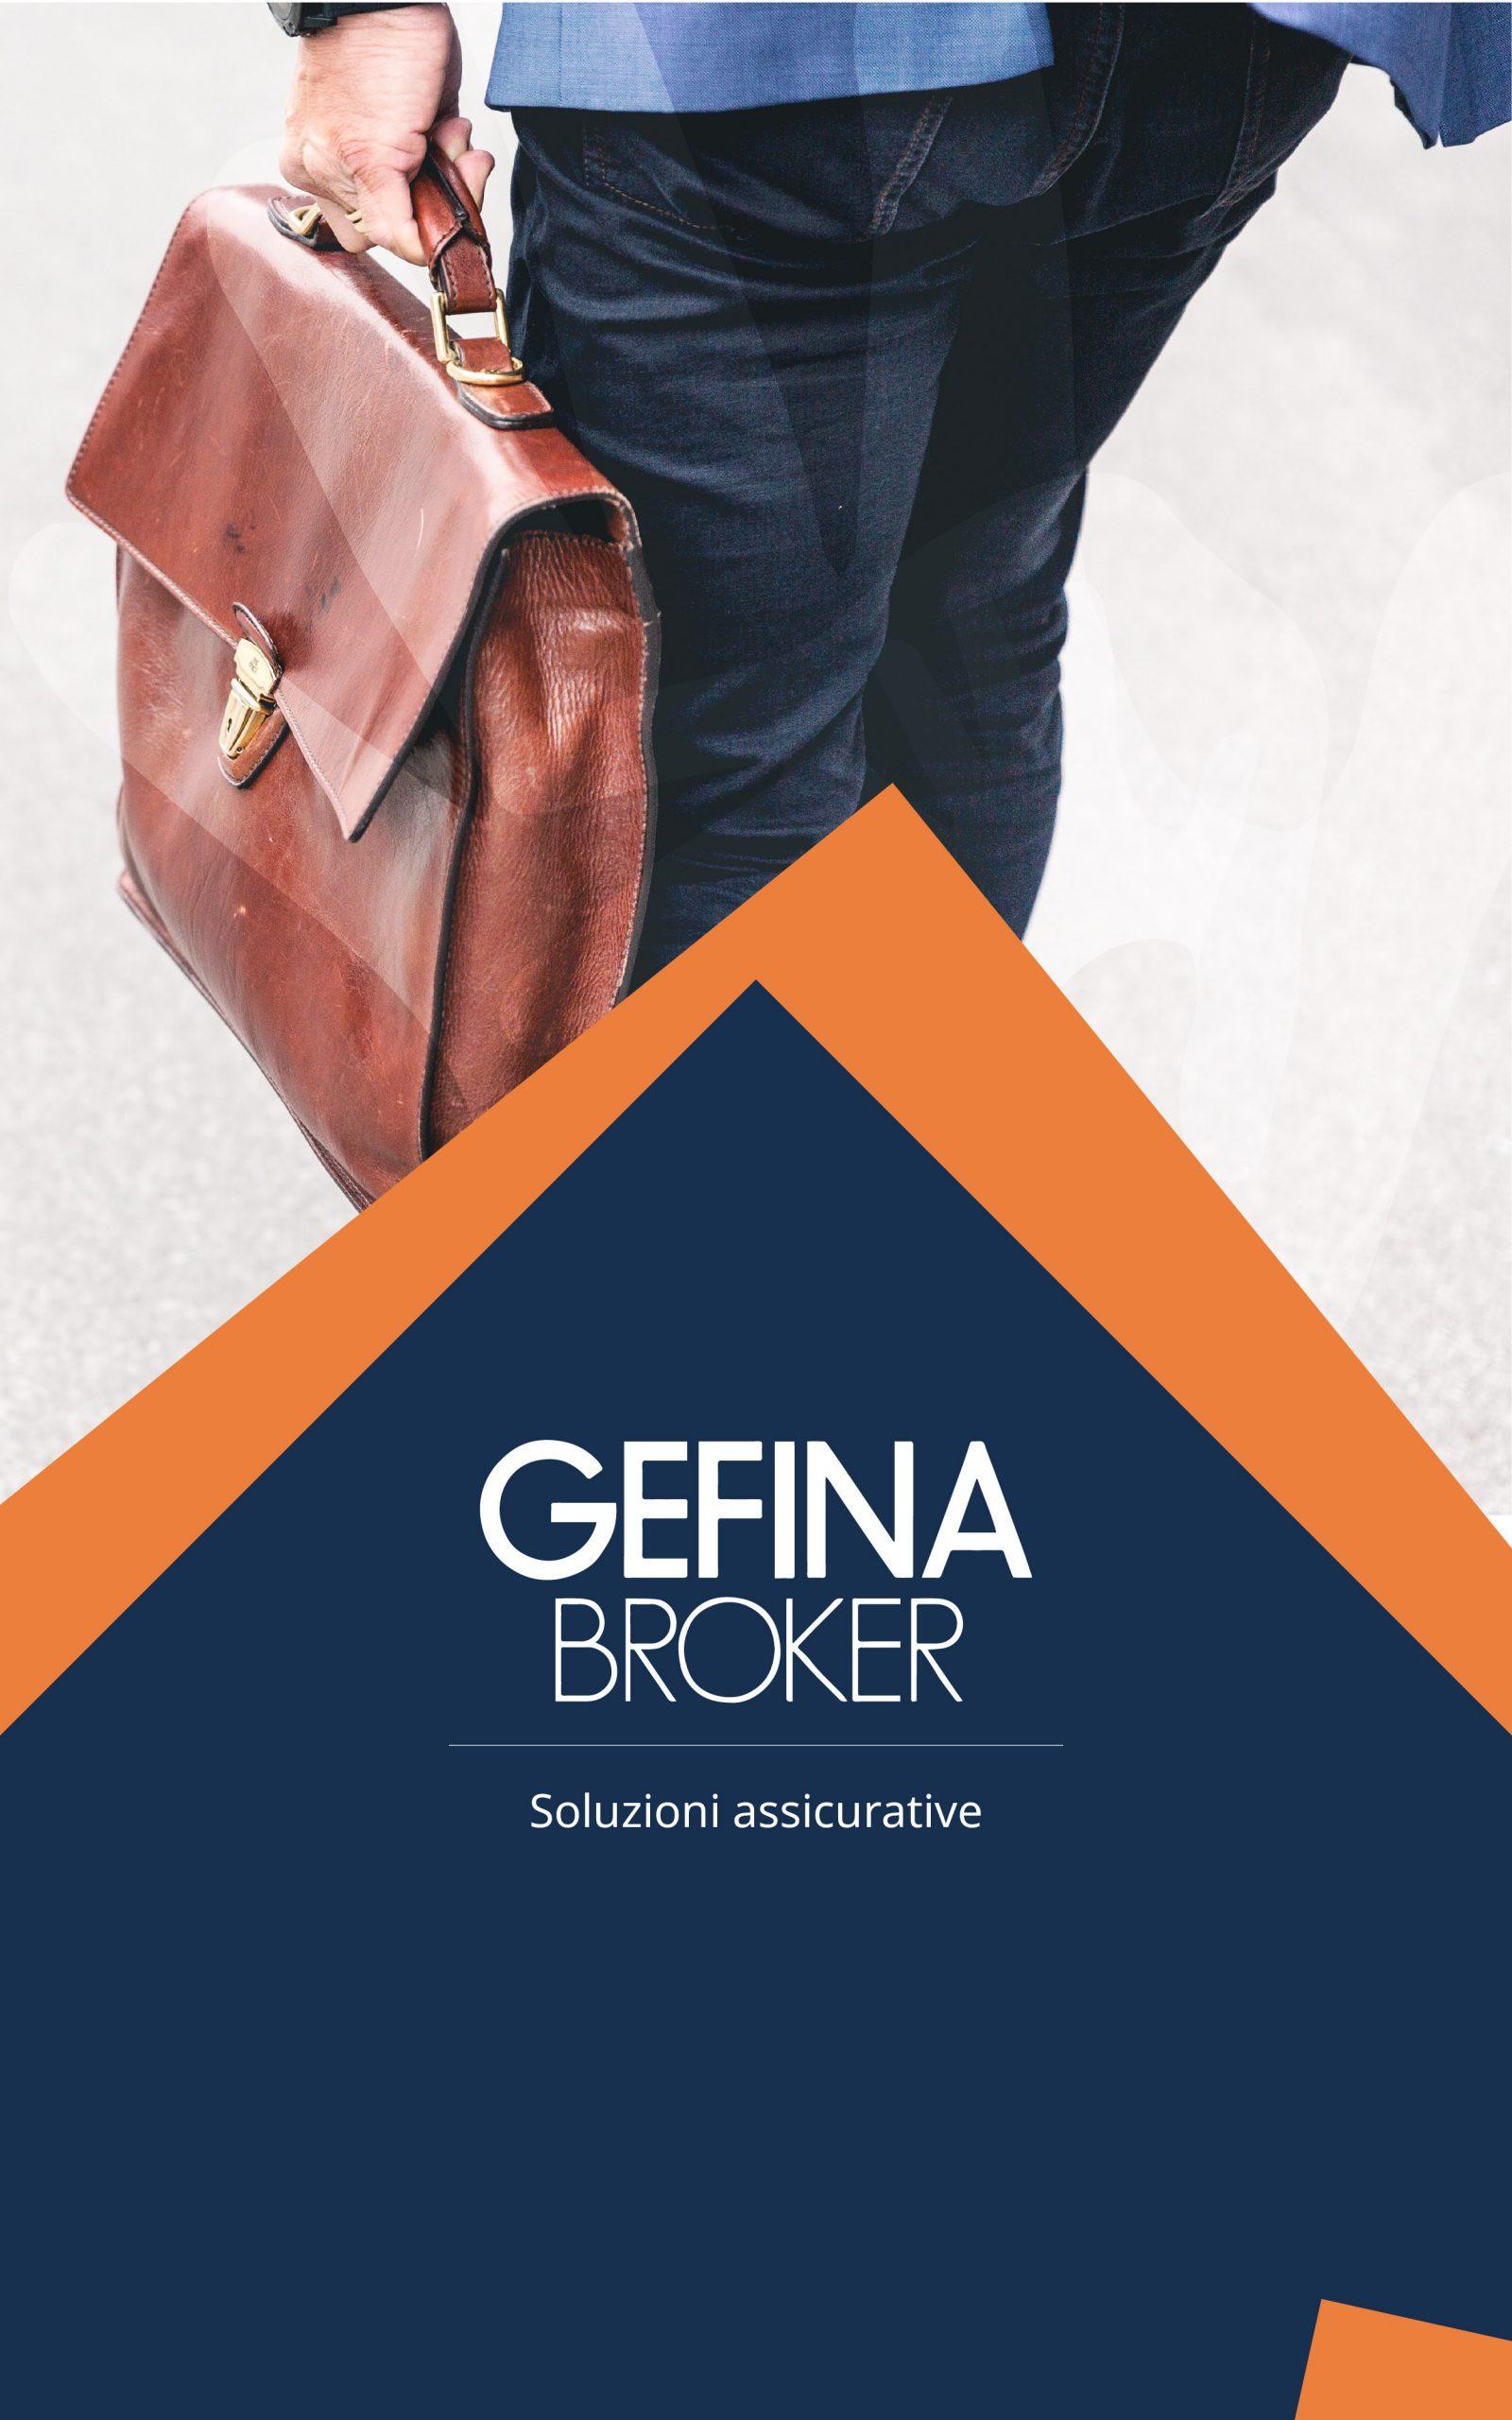 Gefina Broker Soluzioni Assicurative